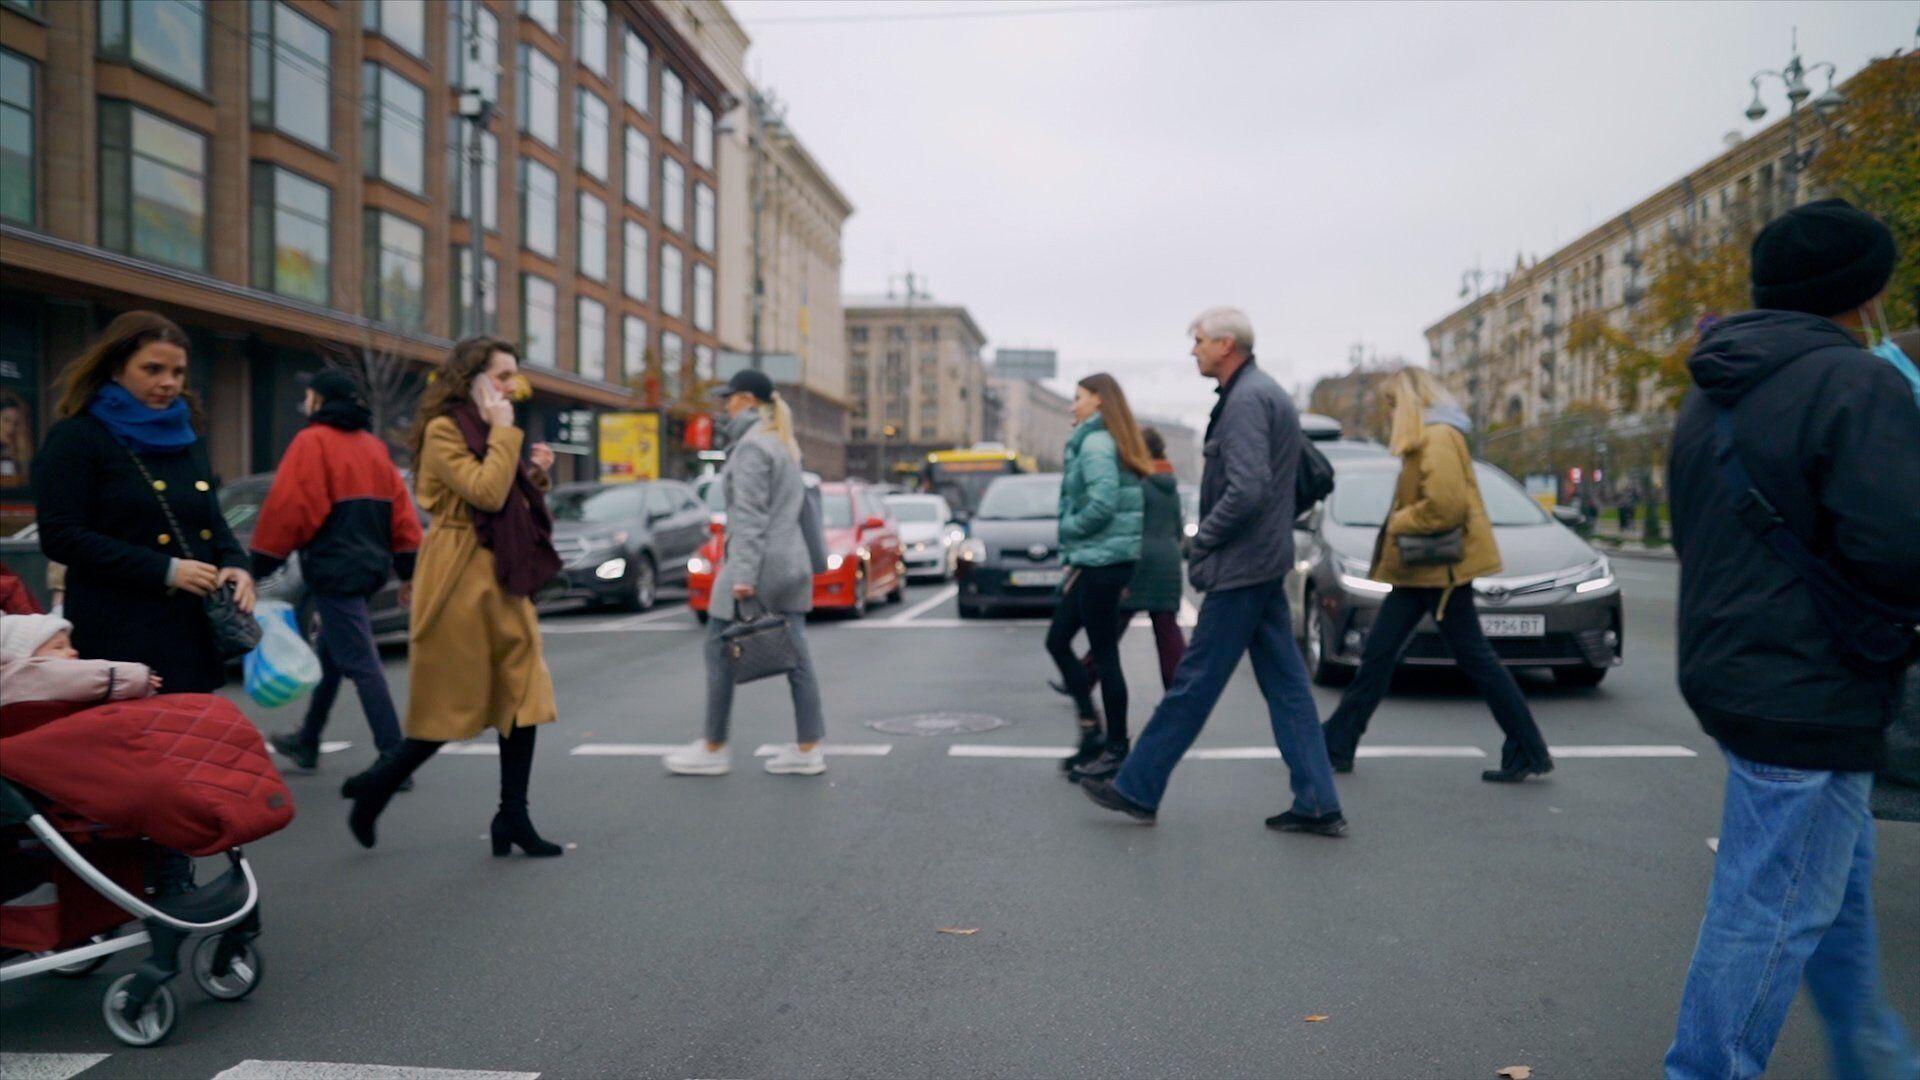 Ті, хто долає бар'єри: опубліковано соціальні відеоролики в межах ініціативи Олени Зеленської